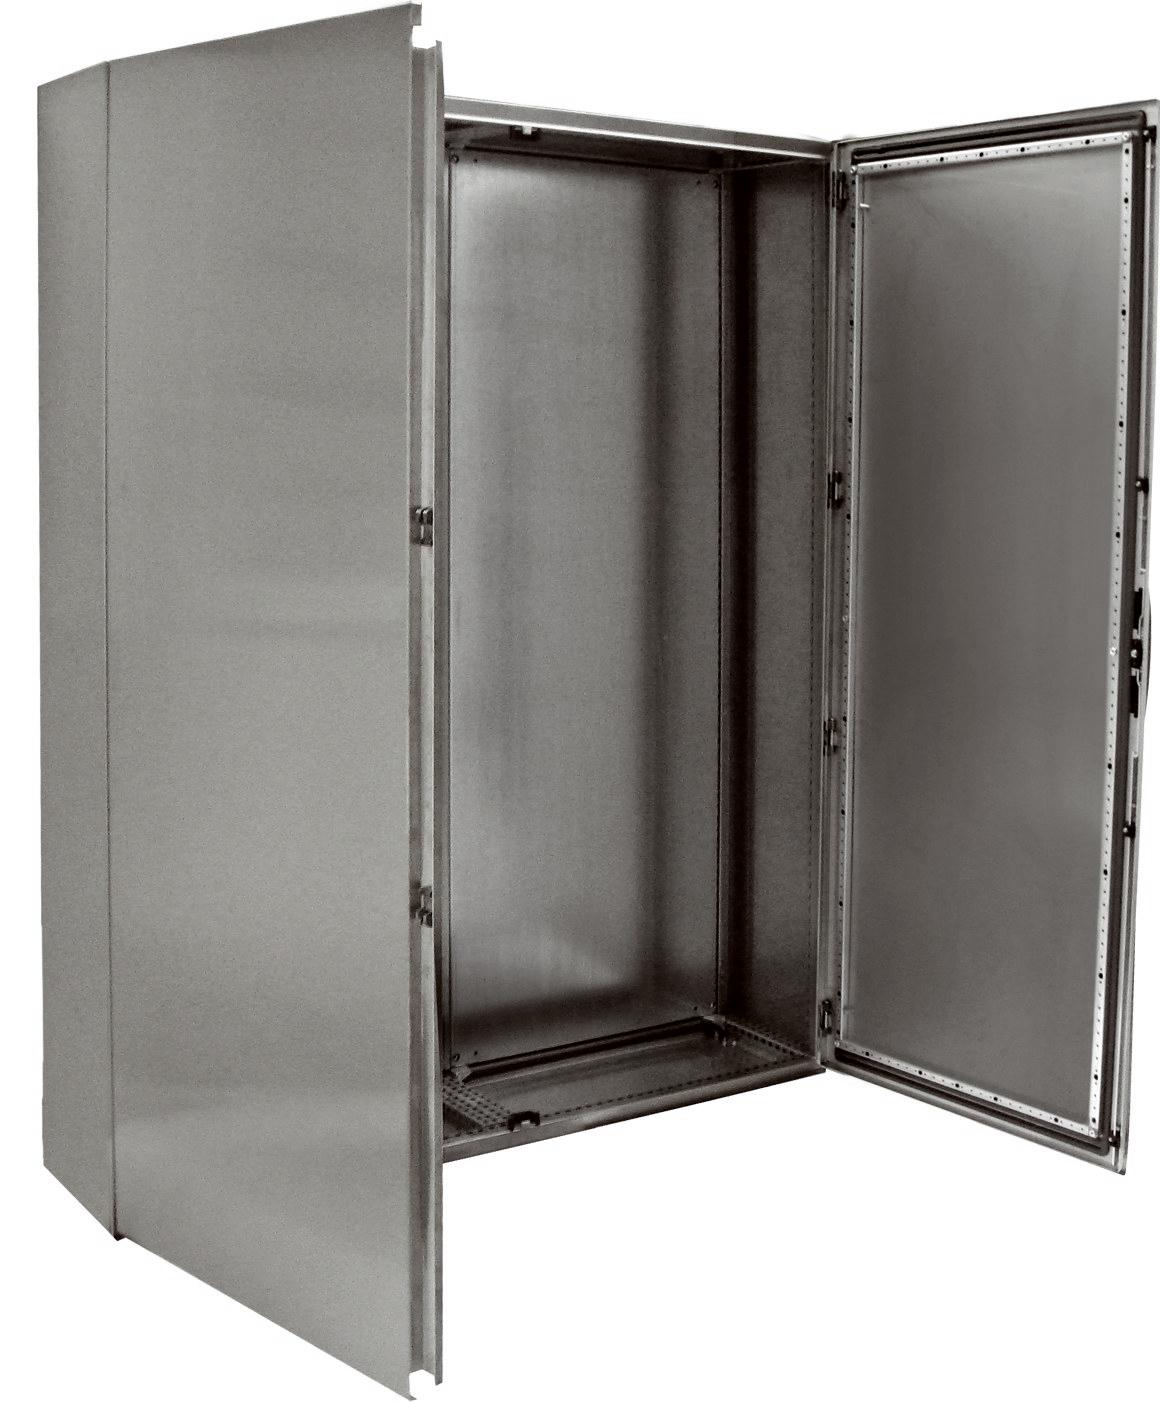 1 Stk Kompaktschrank Edelstahl 2-türig, 1800x1600x400mm, AISI 304L KSR181642-